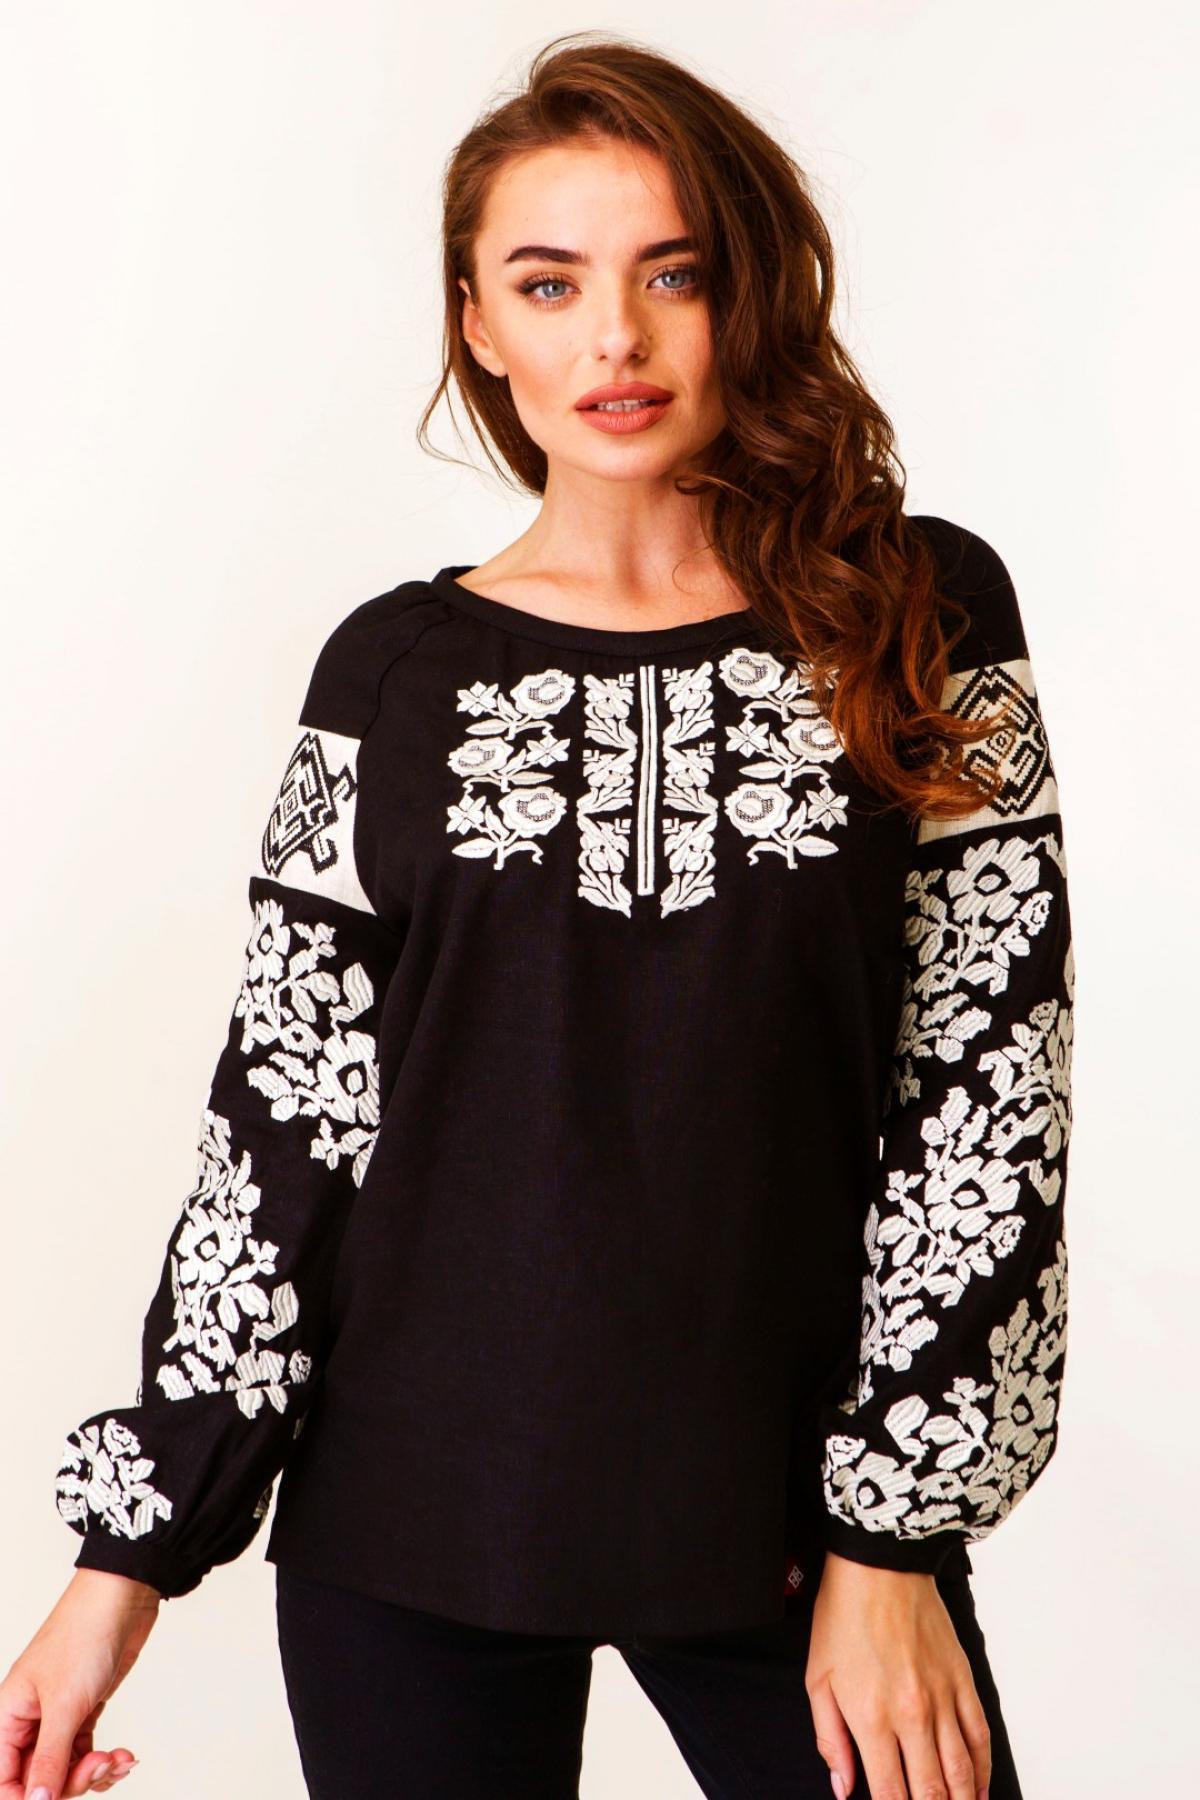 Черная льняная женская вышитая рубашка с молочной вышивкой. Фото №1. | Народный дом Украина